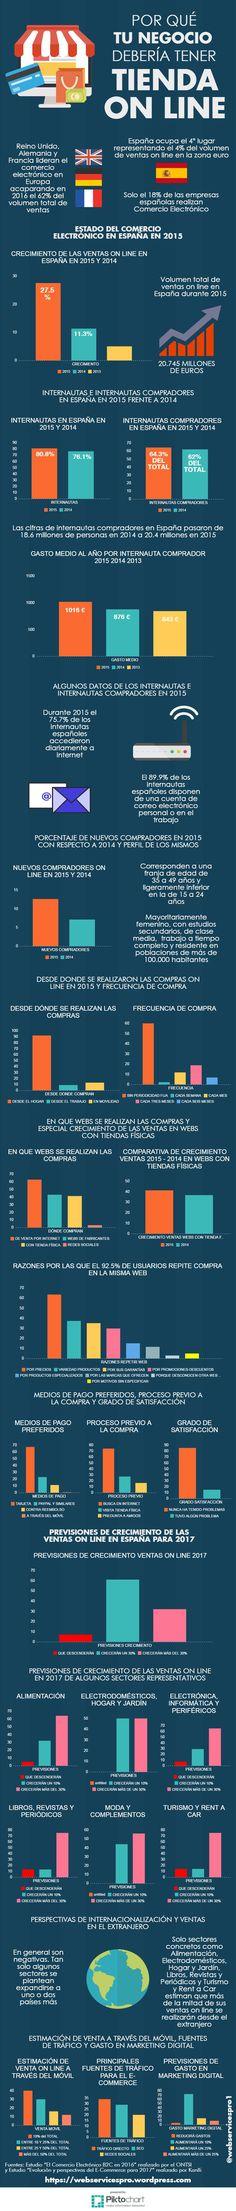 Por-qué-tu-empresa-debería-disponer-de-tienda-on-line #ECommerce #ComercioElectrónico #VentaOnLine #TiendaOnLine #EstadísticasComercioElectrónico #España #Infografía #SocialMedia